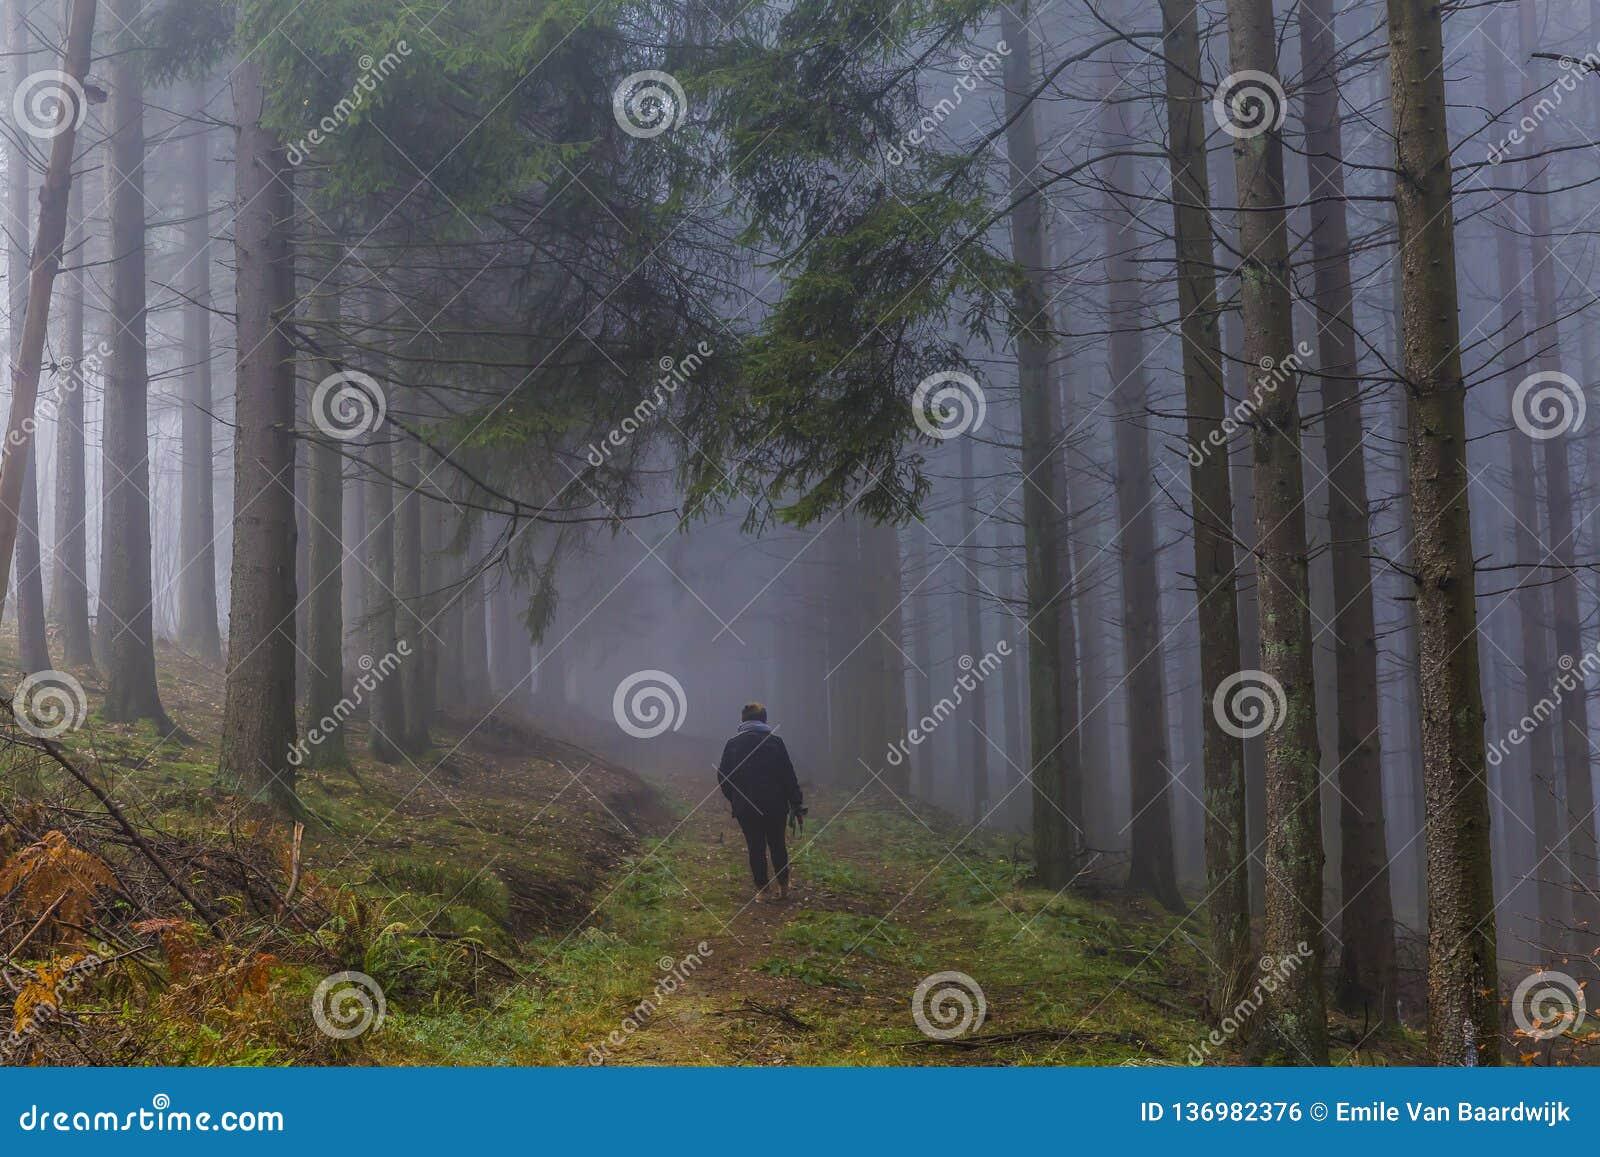 Imagen de una mujer que camina entre árboles de pino altos con mucha niebla en el bosque